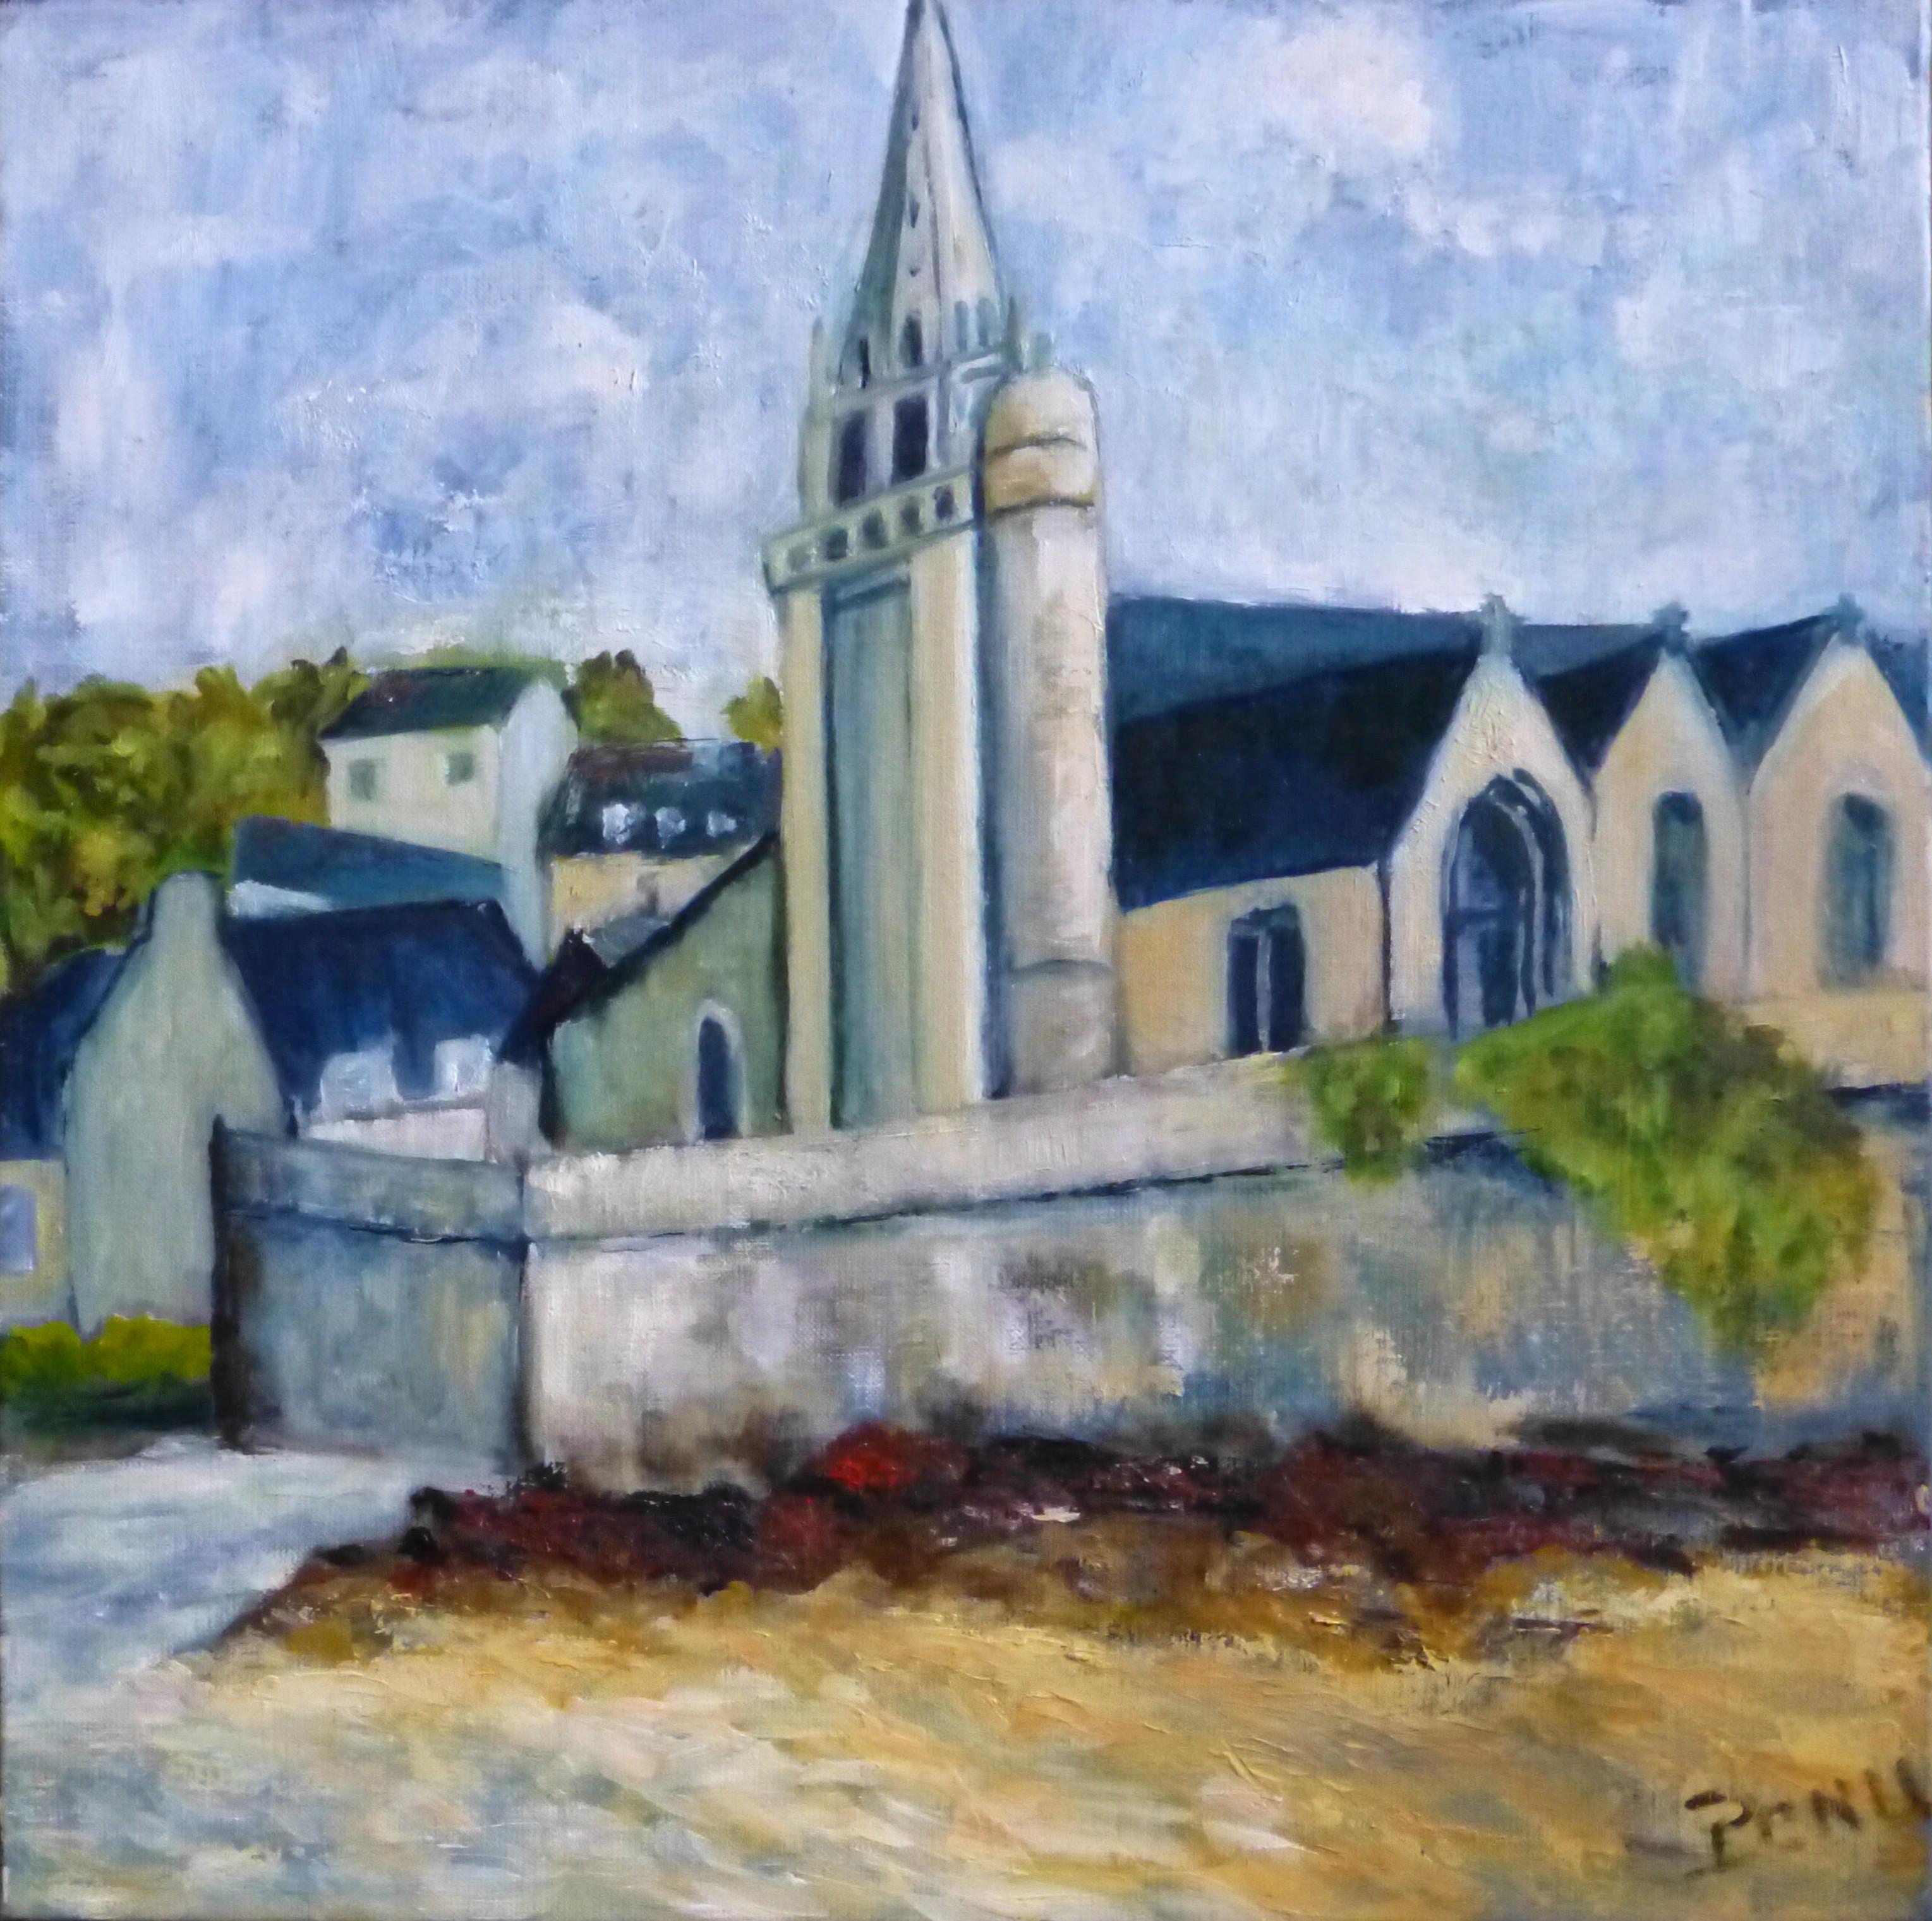 L'église de Saint-Michel en Grève